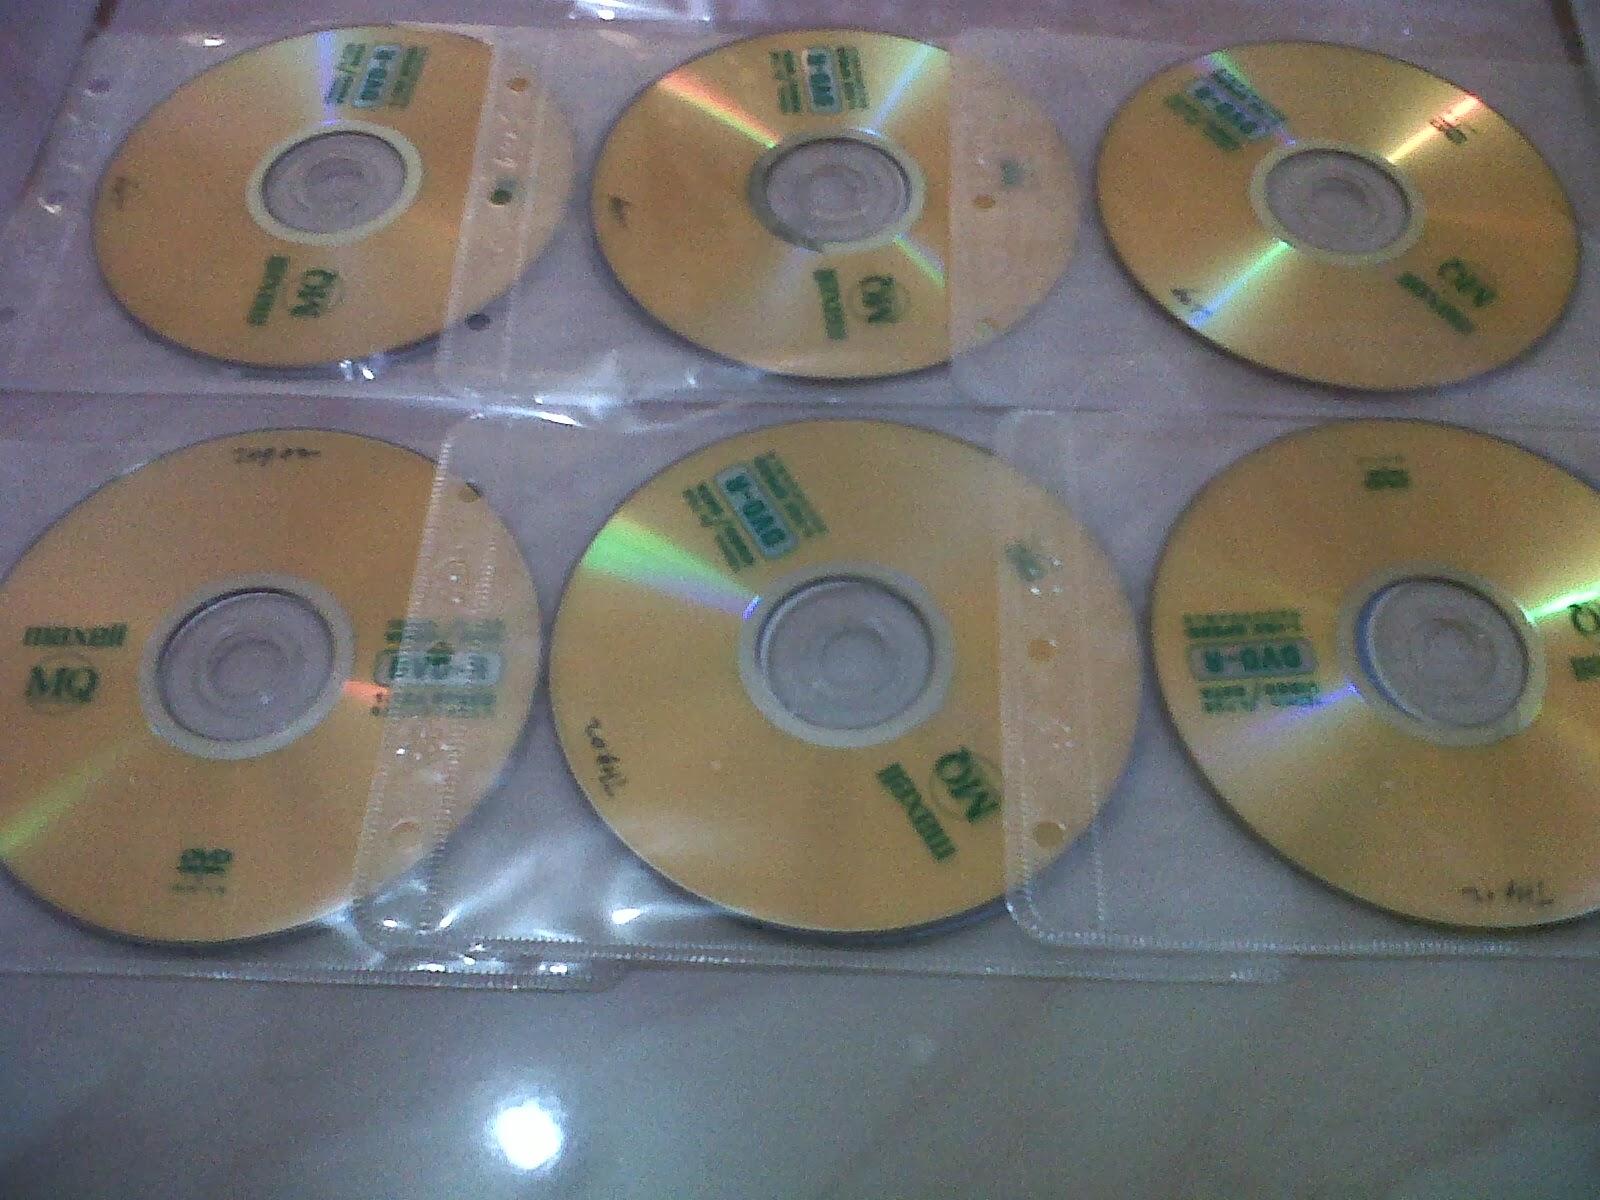 MEDIA MAXELL DVD POLOS TANPA COVER